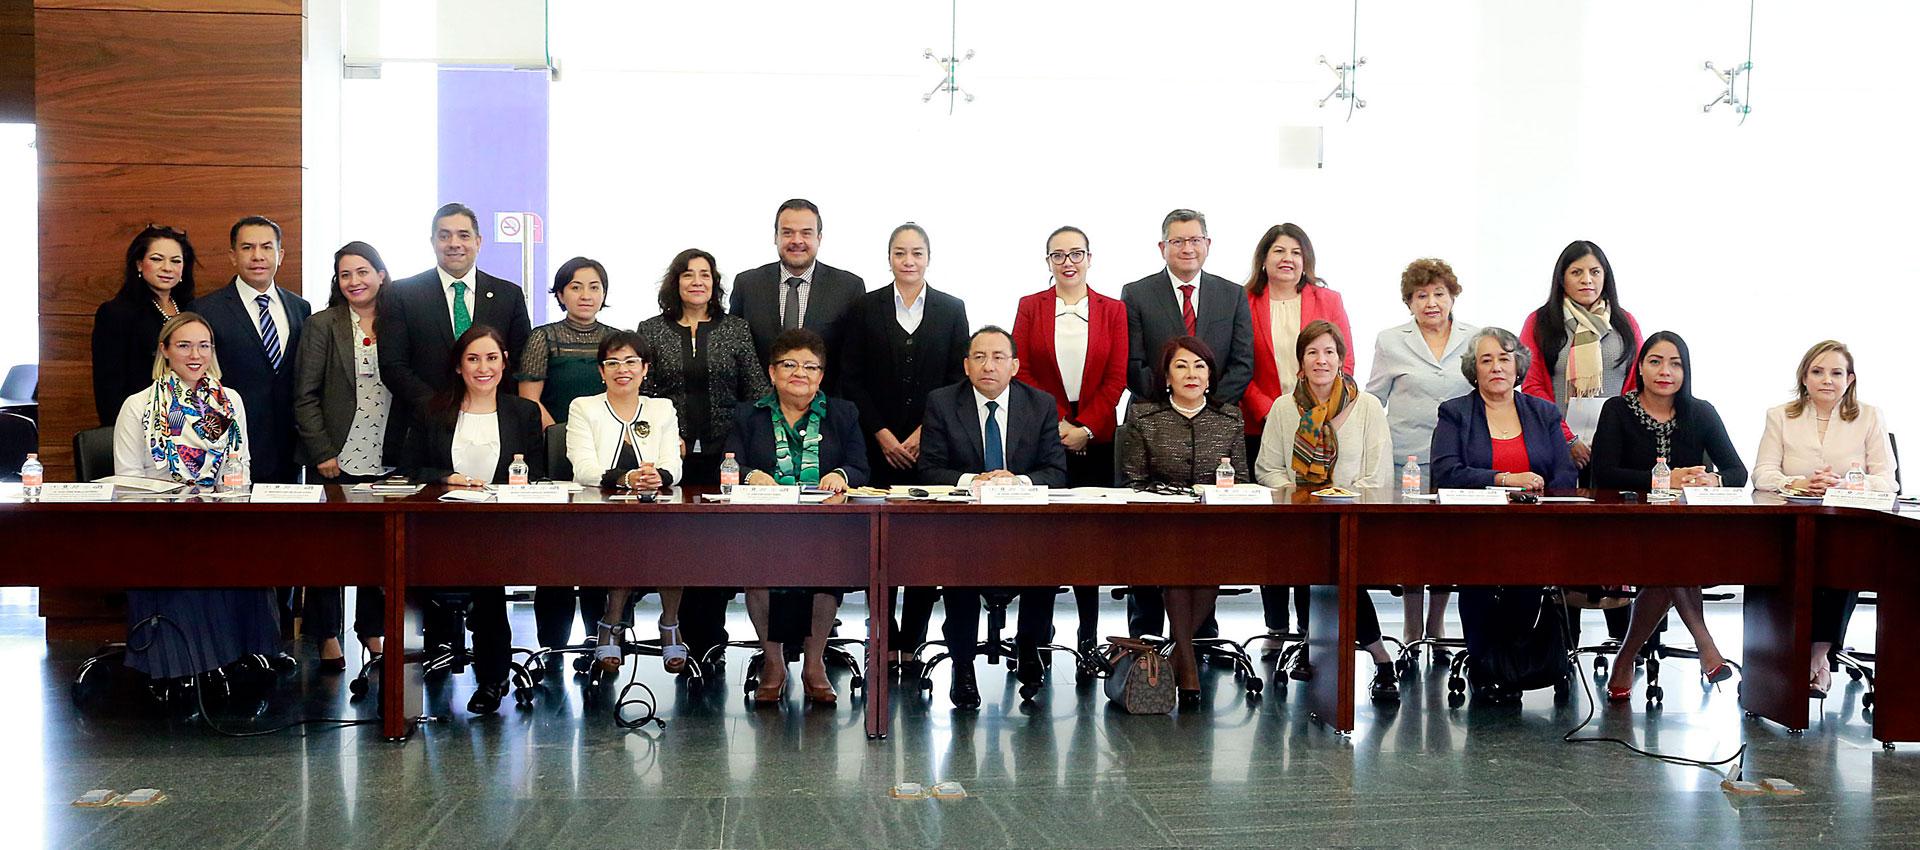 Fundamental, hacer realidad la perspectiva de género en los organismos de Estado: Bonilla Gutiérrez